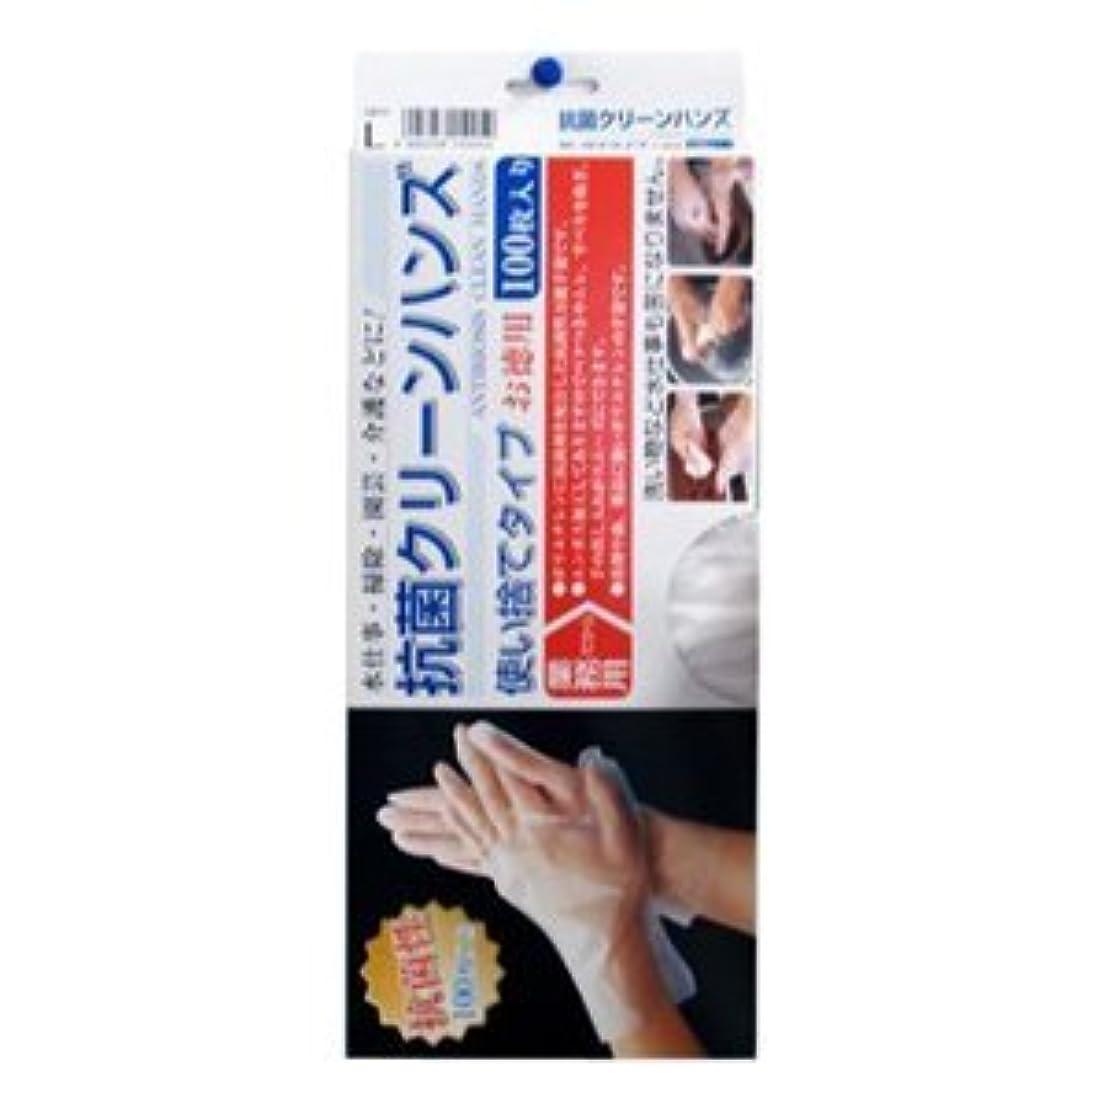 解凍する、雪解け、霜解けスリーブ責任者抗菌クリーンハンズ箱入 Lサイズ(100枚箱入) - ポリエチレンに抗菌剤を配合した抗菌性万能手袋です。